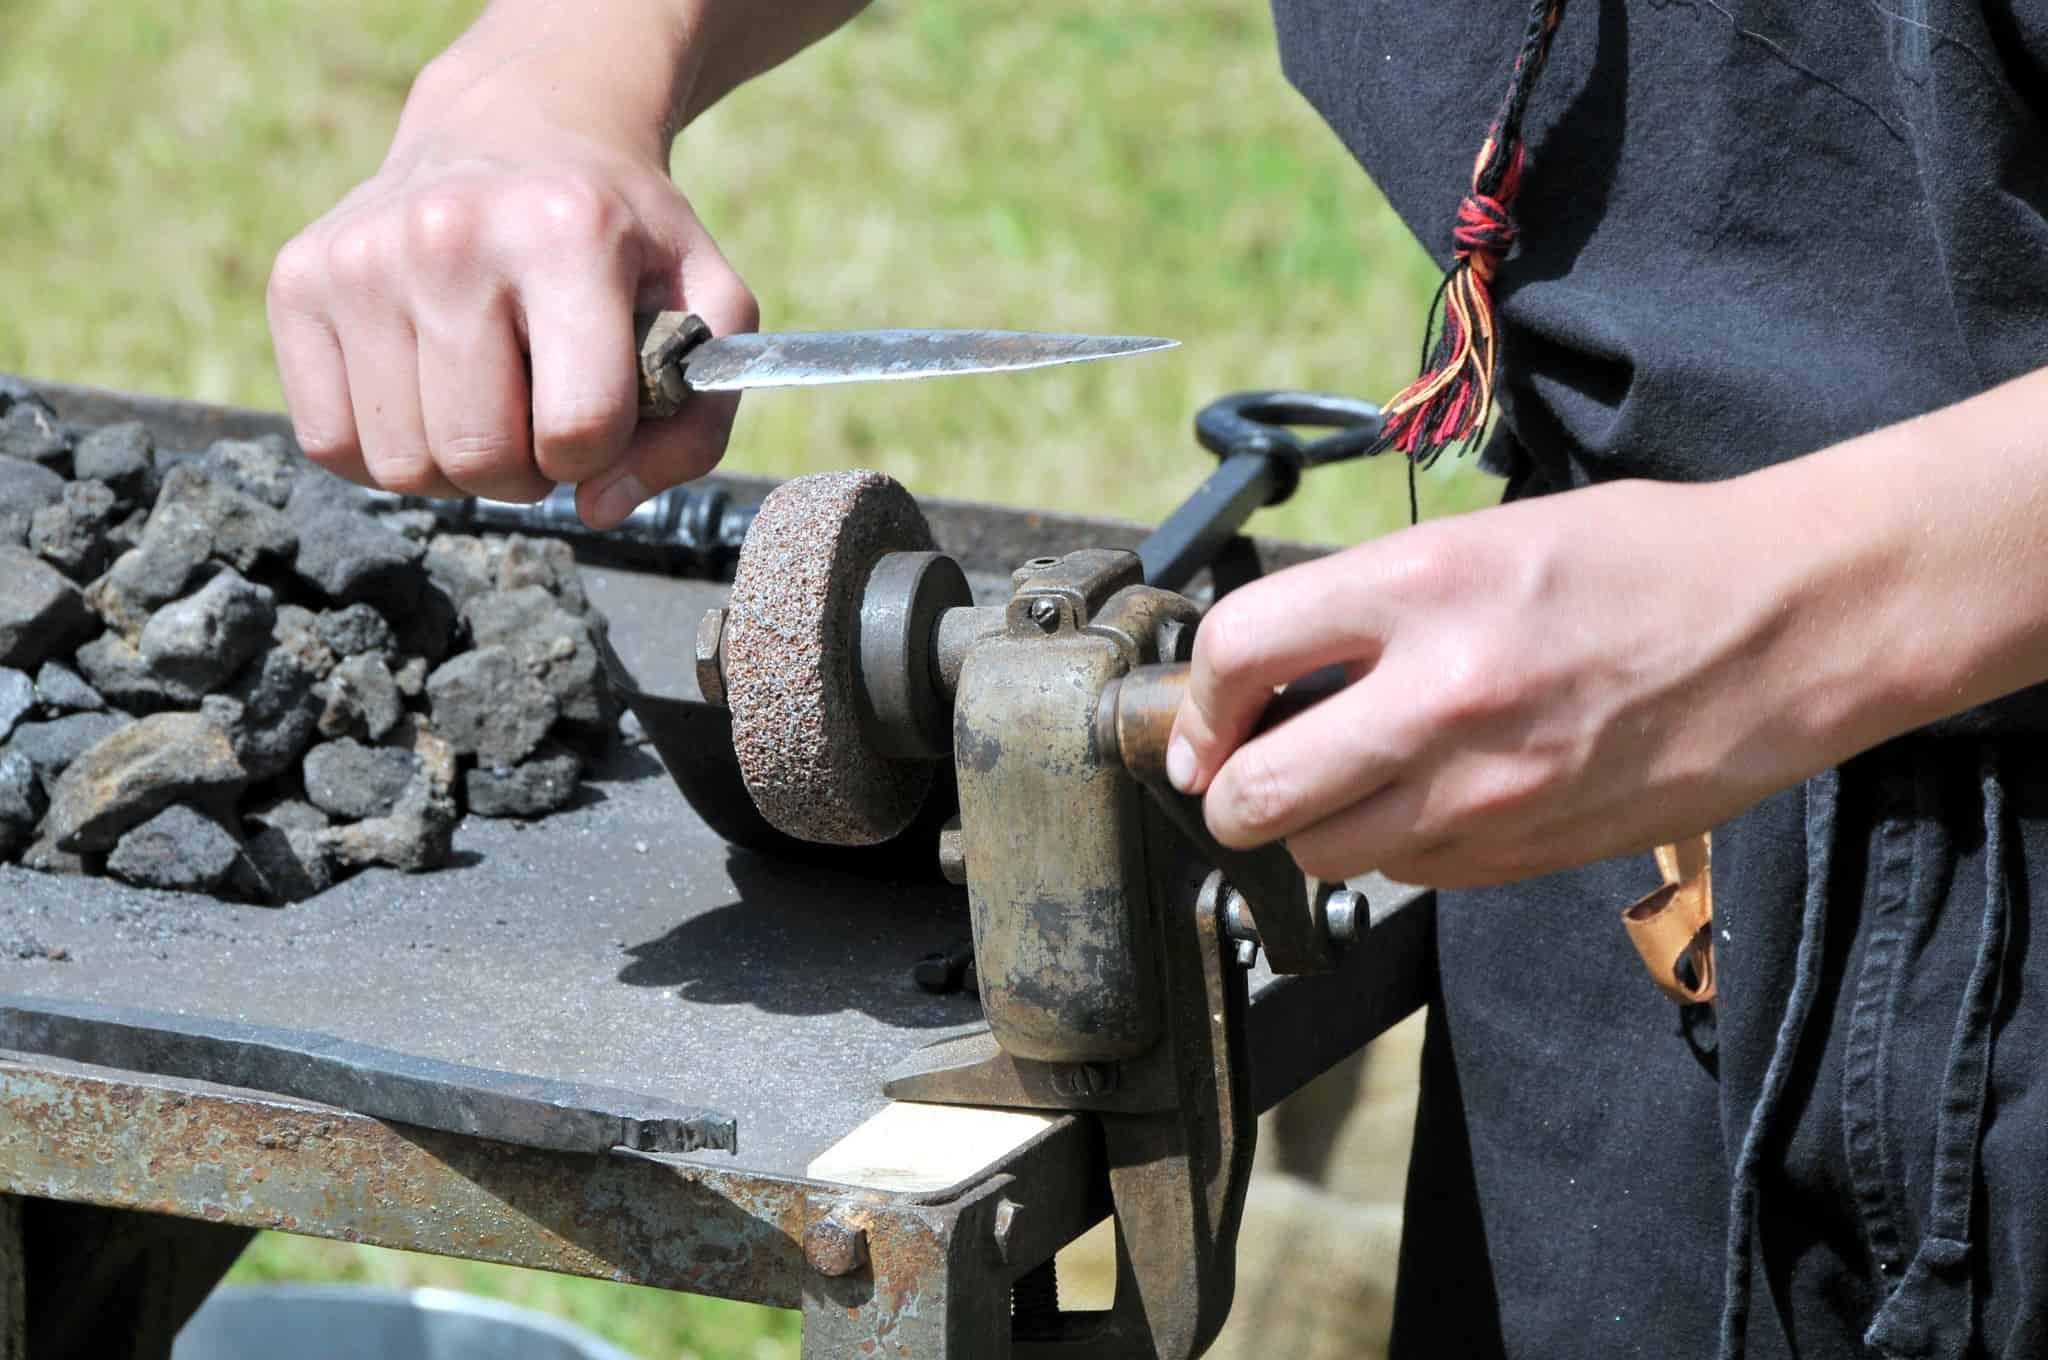 Messerschleifmaschine: Test & Empfehlungen (08/20)